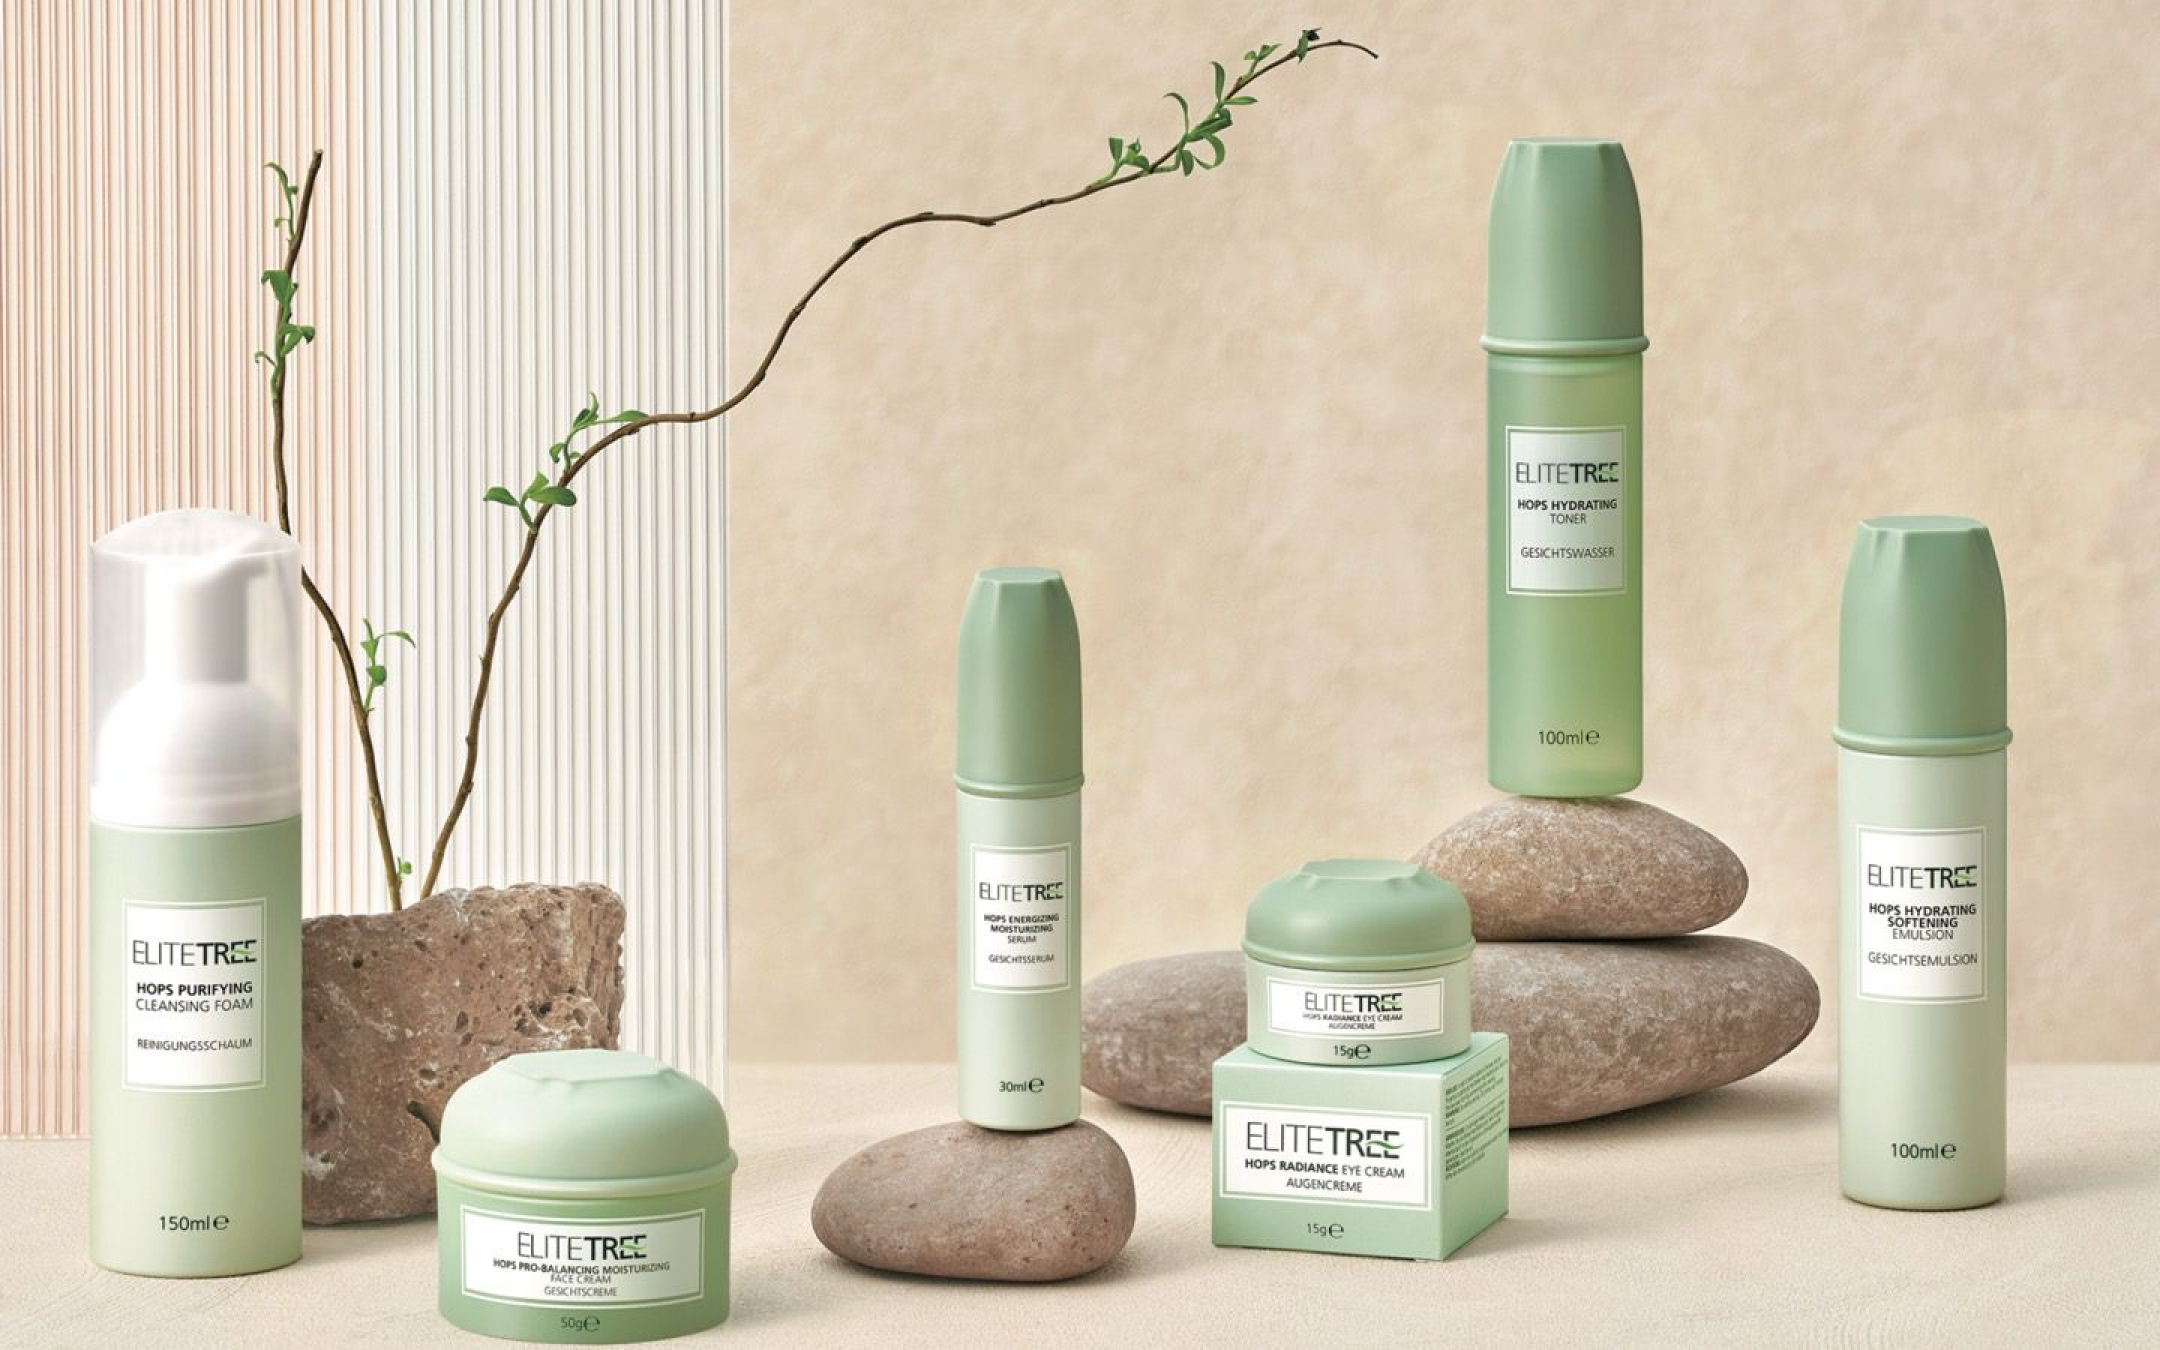 Elitetree hops  skin care